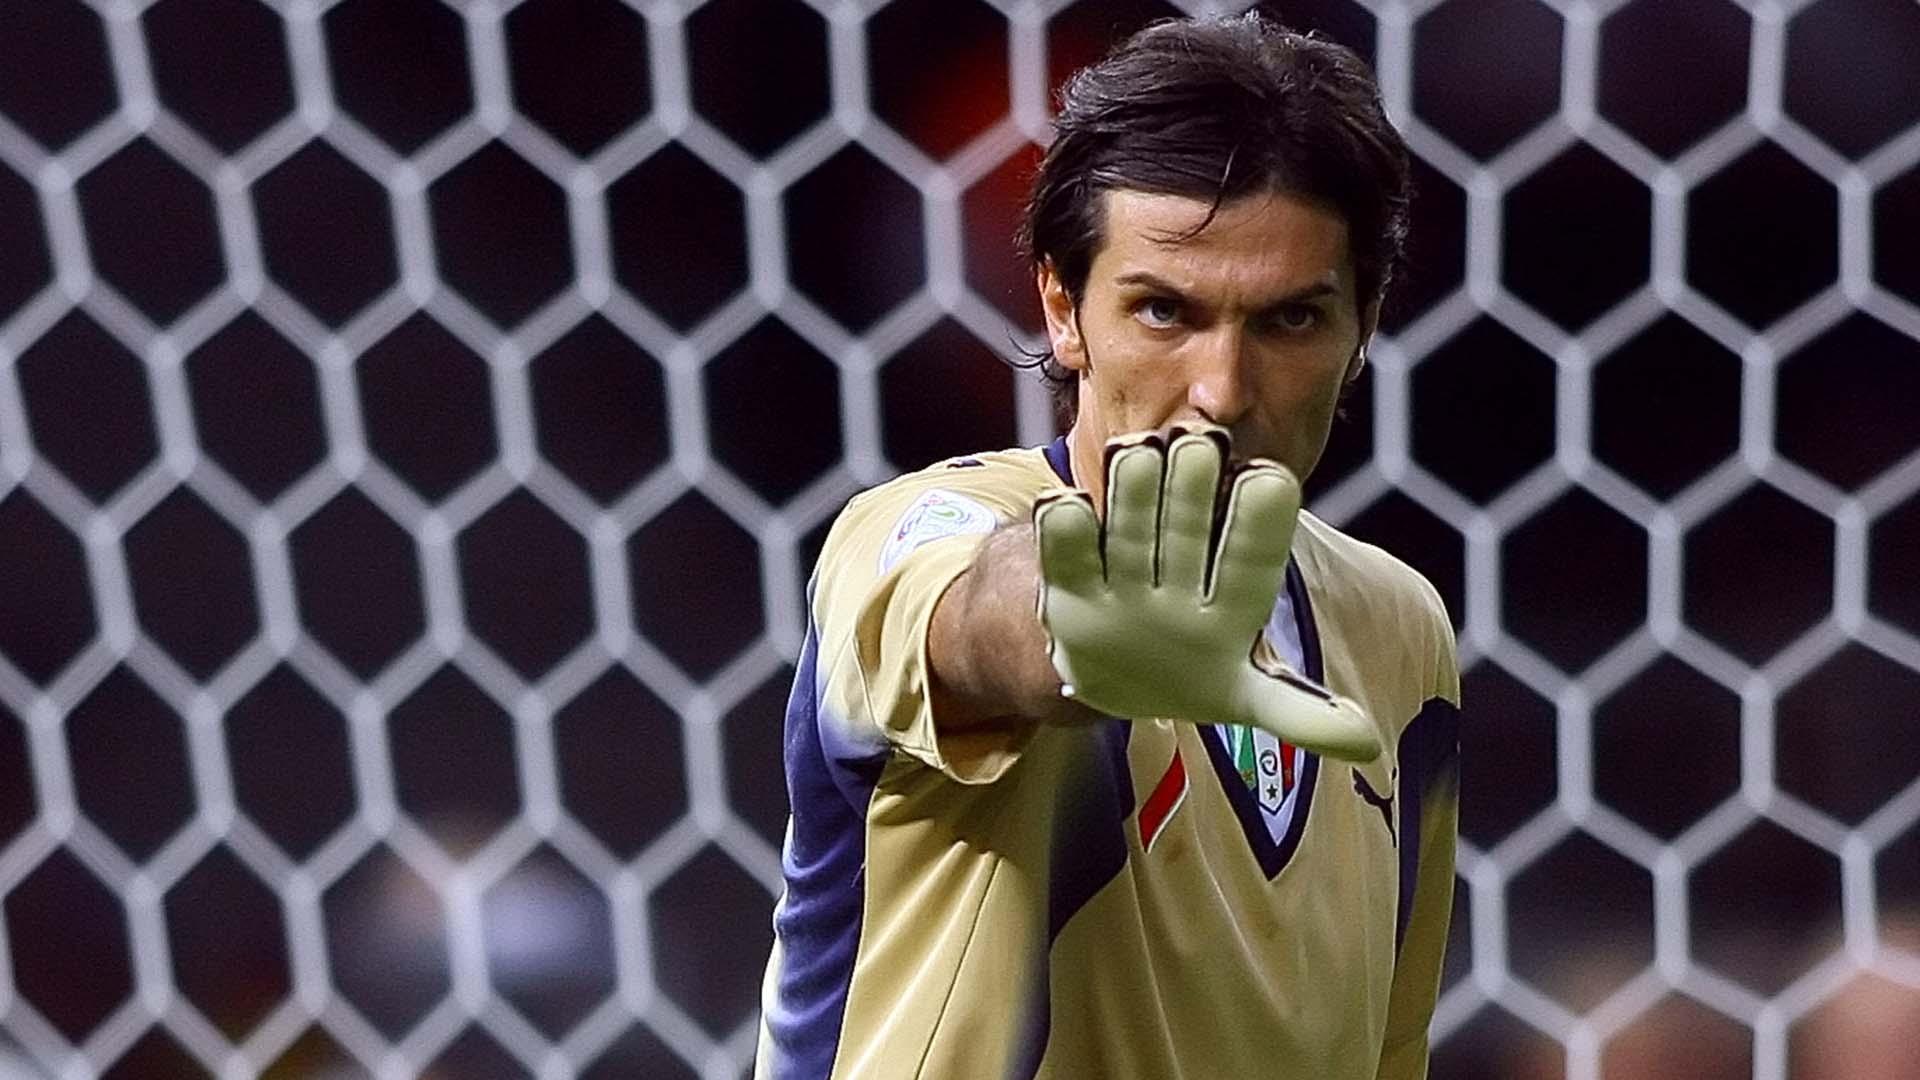 Italien 2006 Buffon